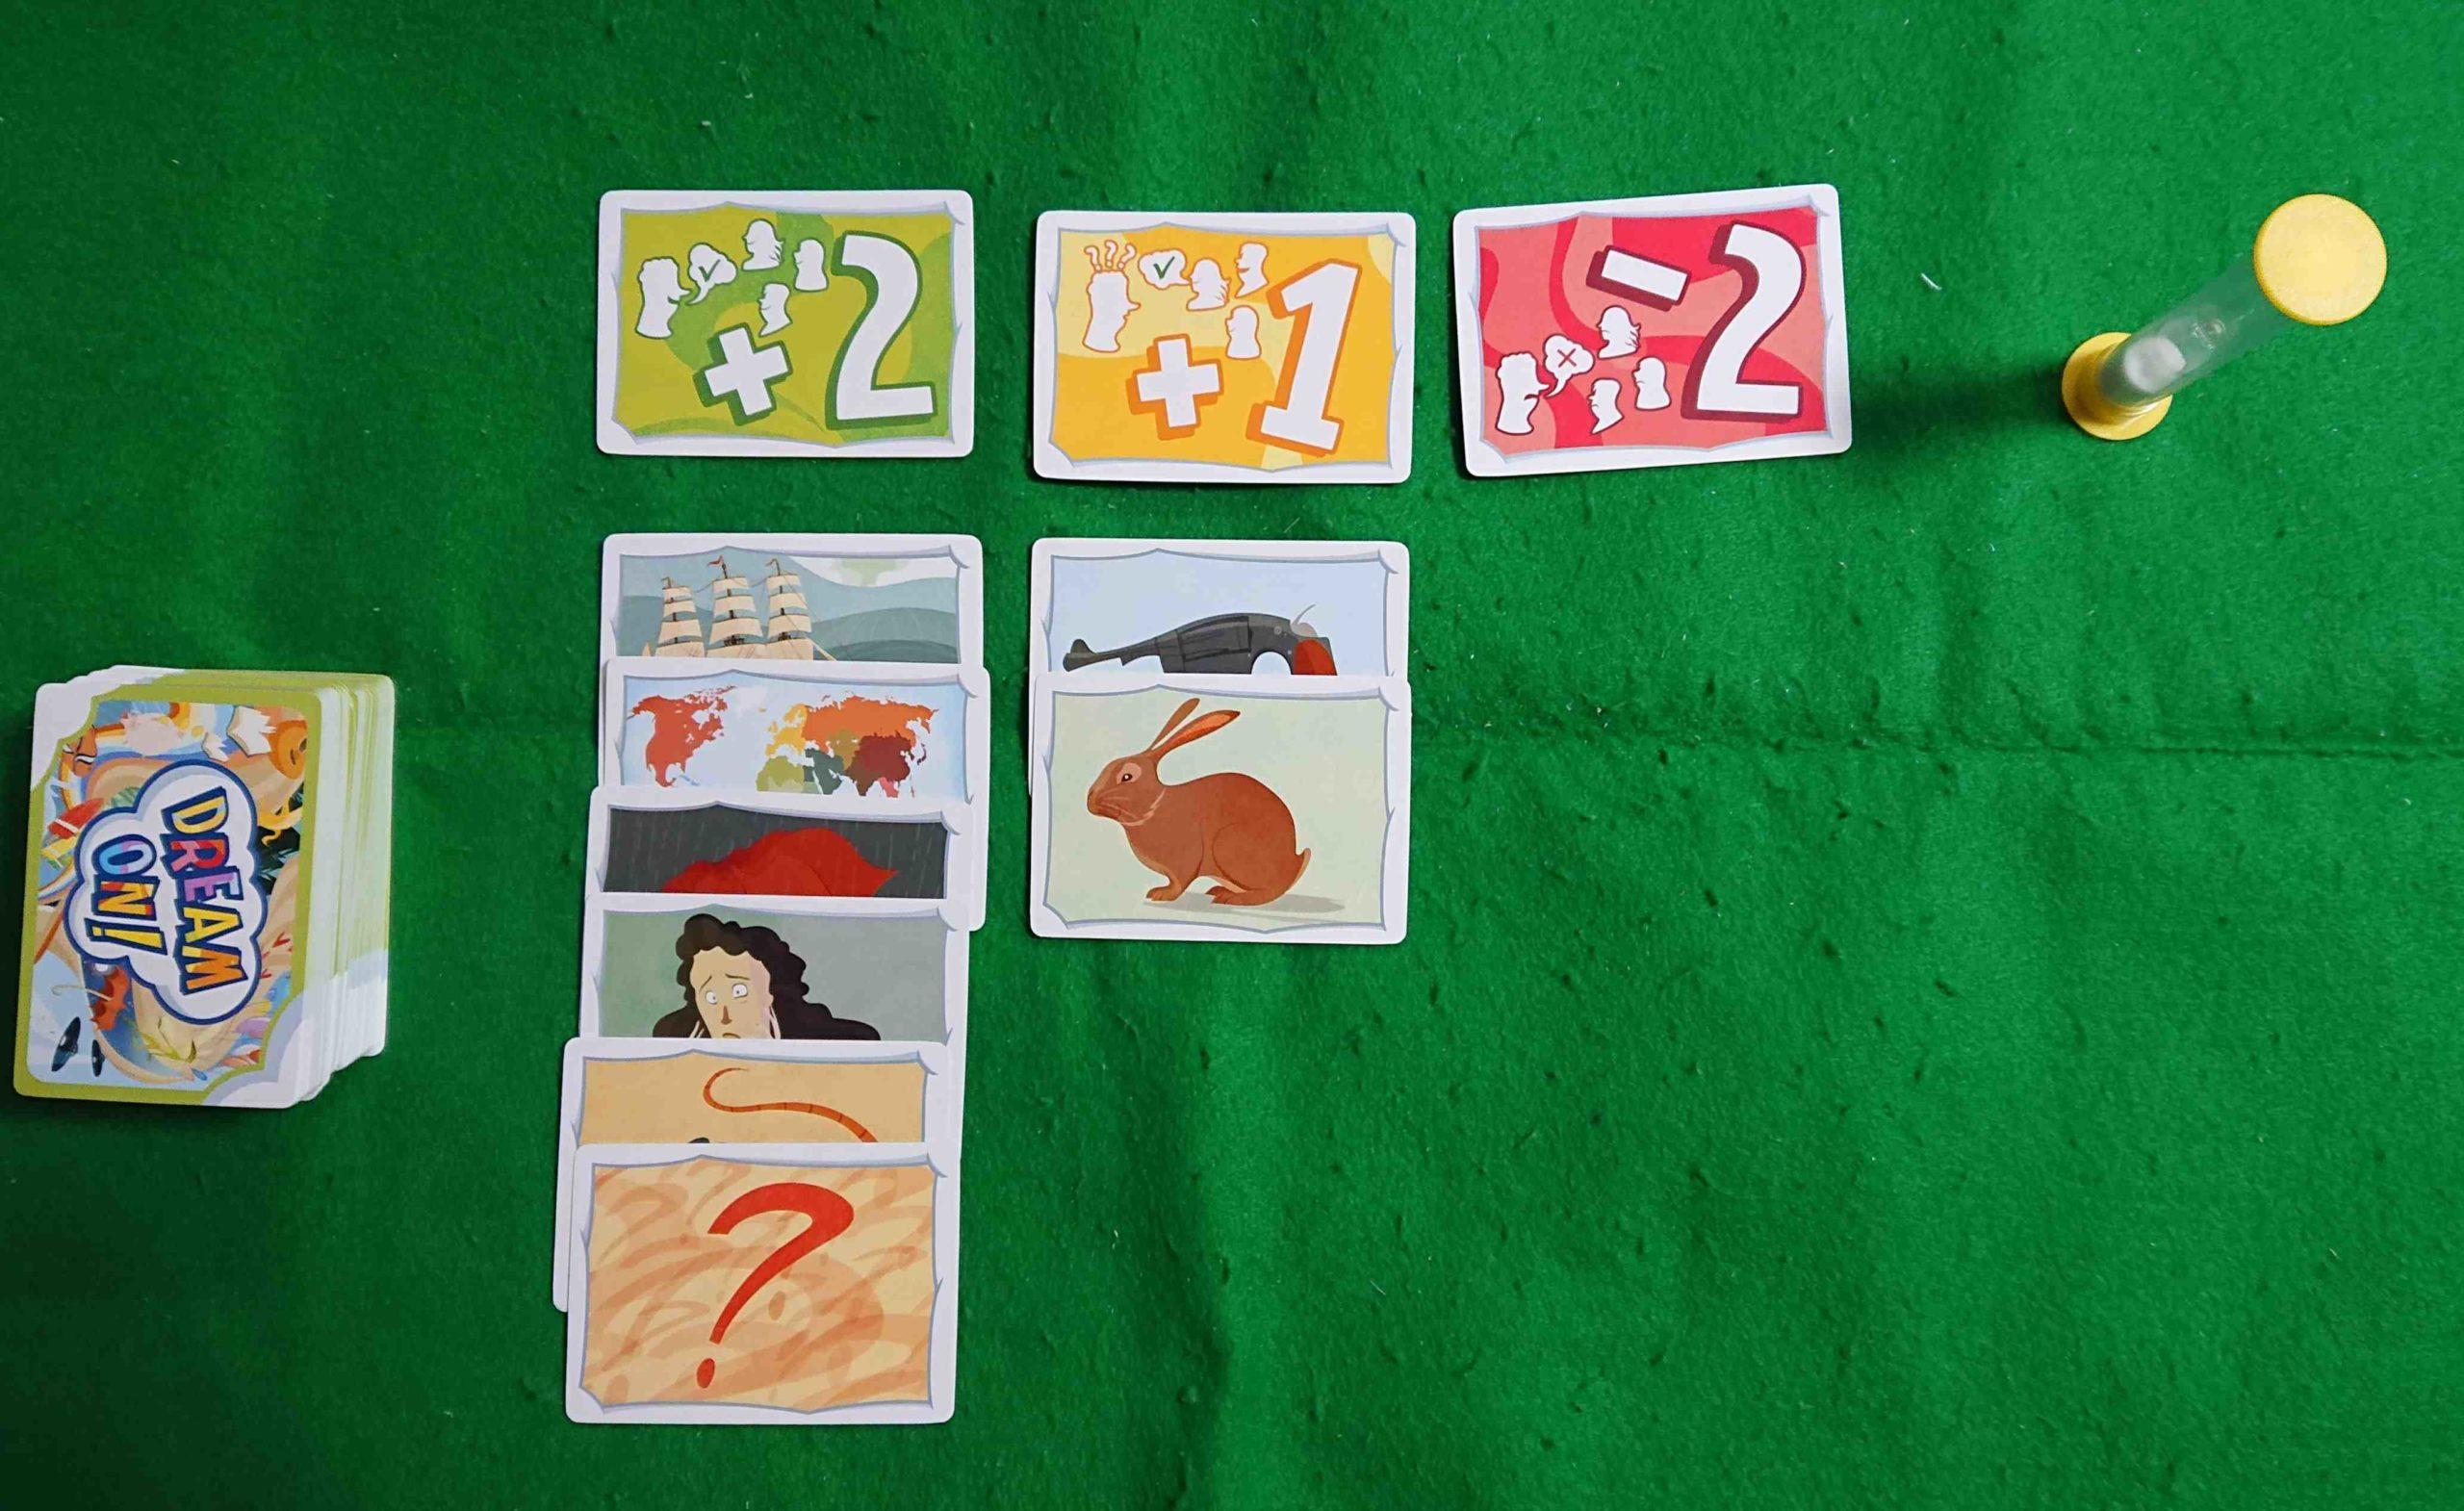 ドリームオン(DREAM ON!) ルール&レビュー みんなで物語を作ろう! 記憶力 ボードゲーム